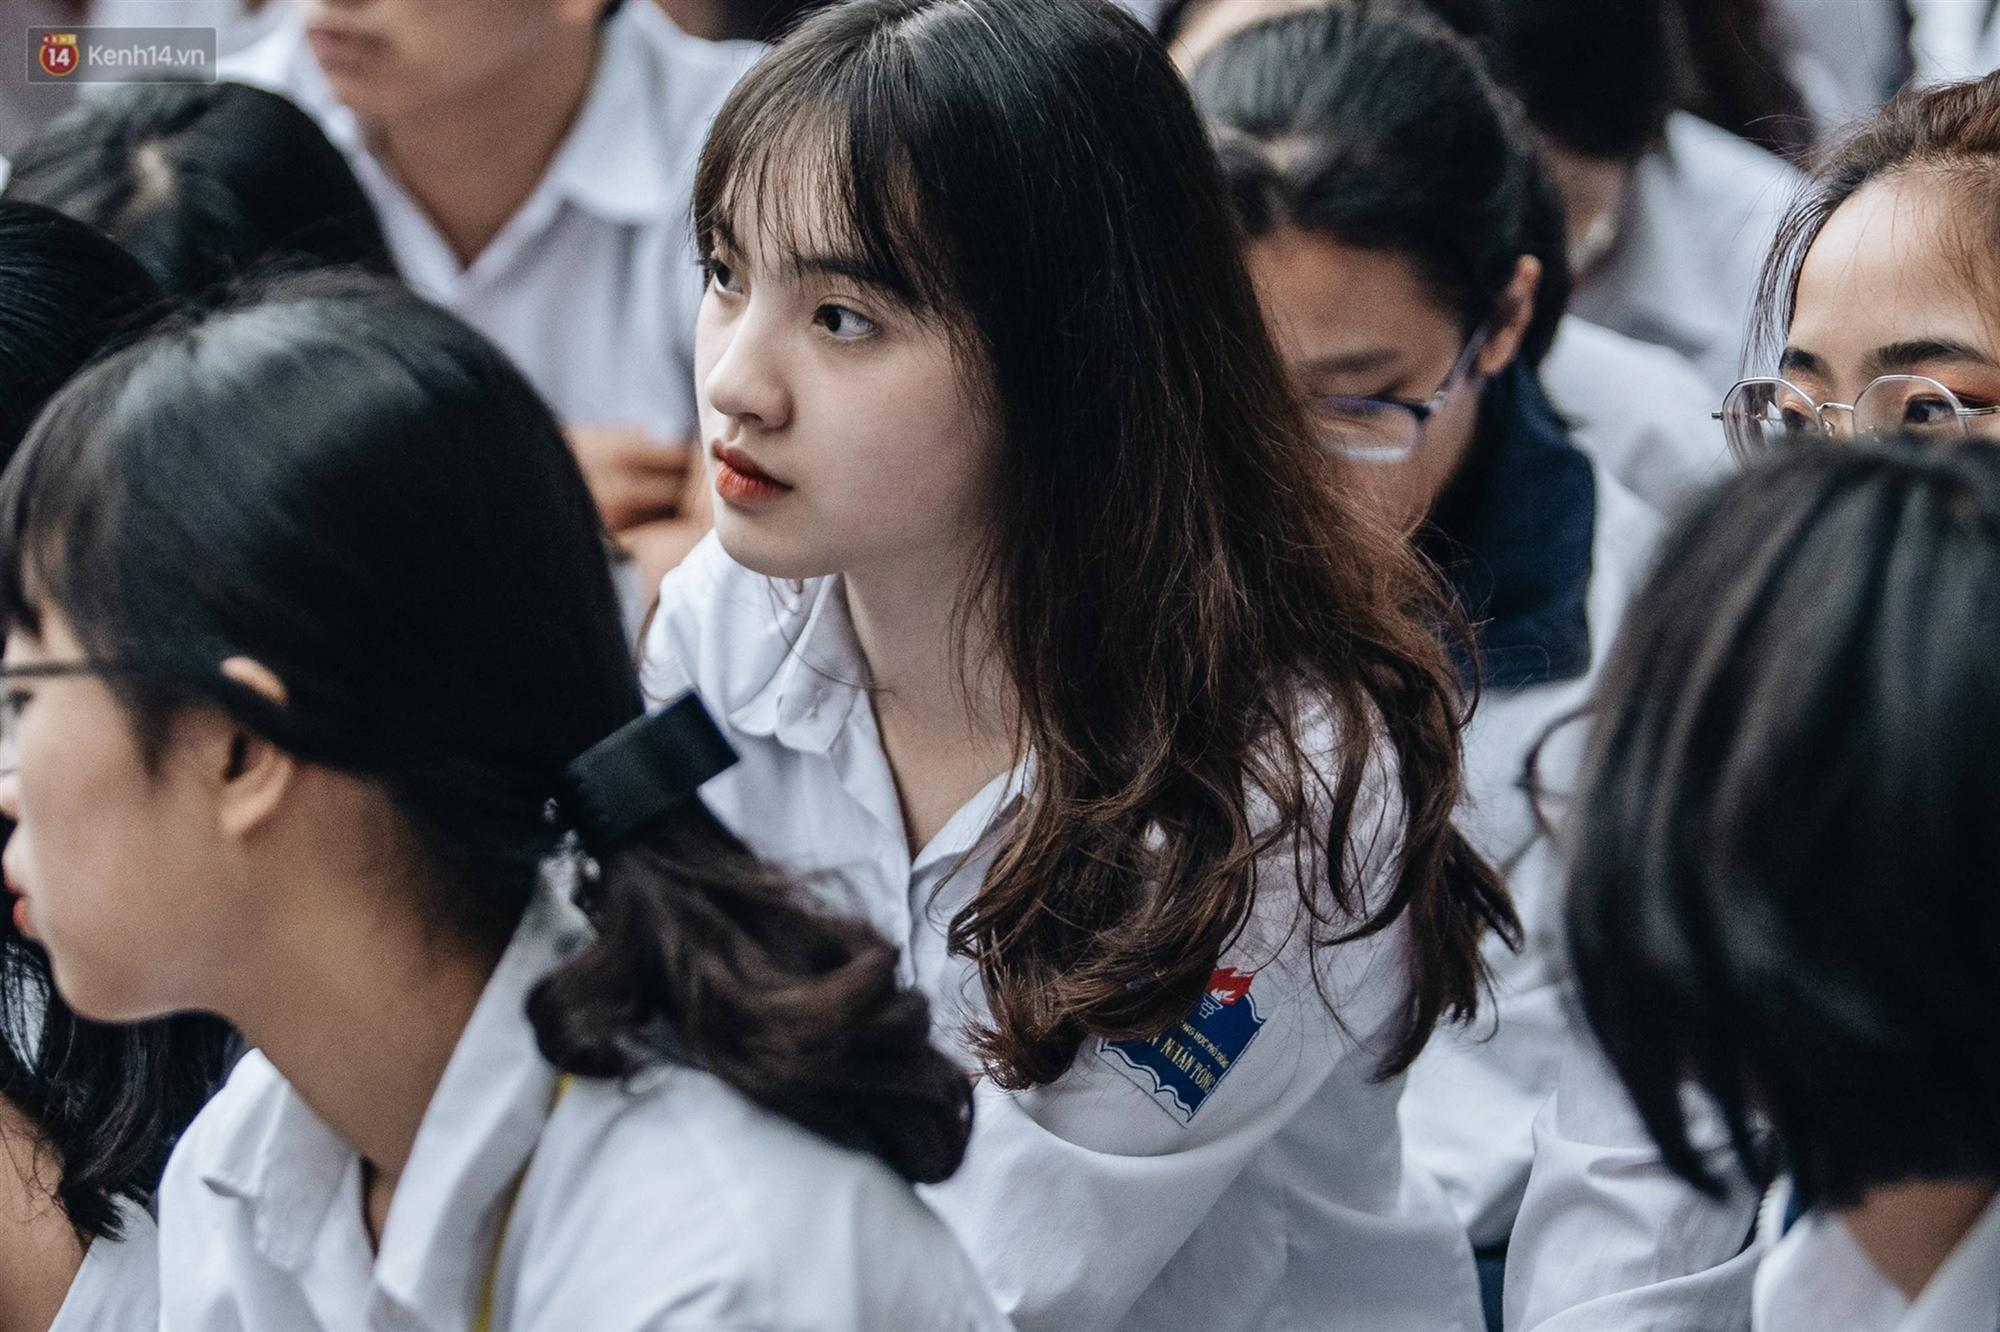 Mặc áo dài trắng đội mưa dự lễ bế giảng, dàn nữ sinh ngôi trường này gây thương nhớ vì quá xinh xắn-2